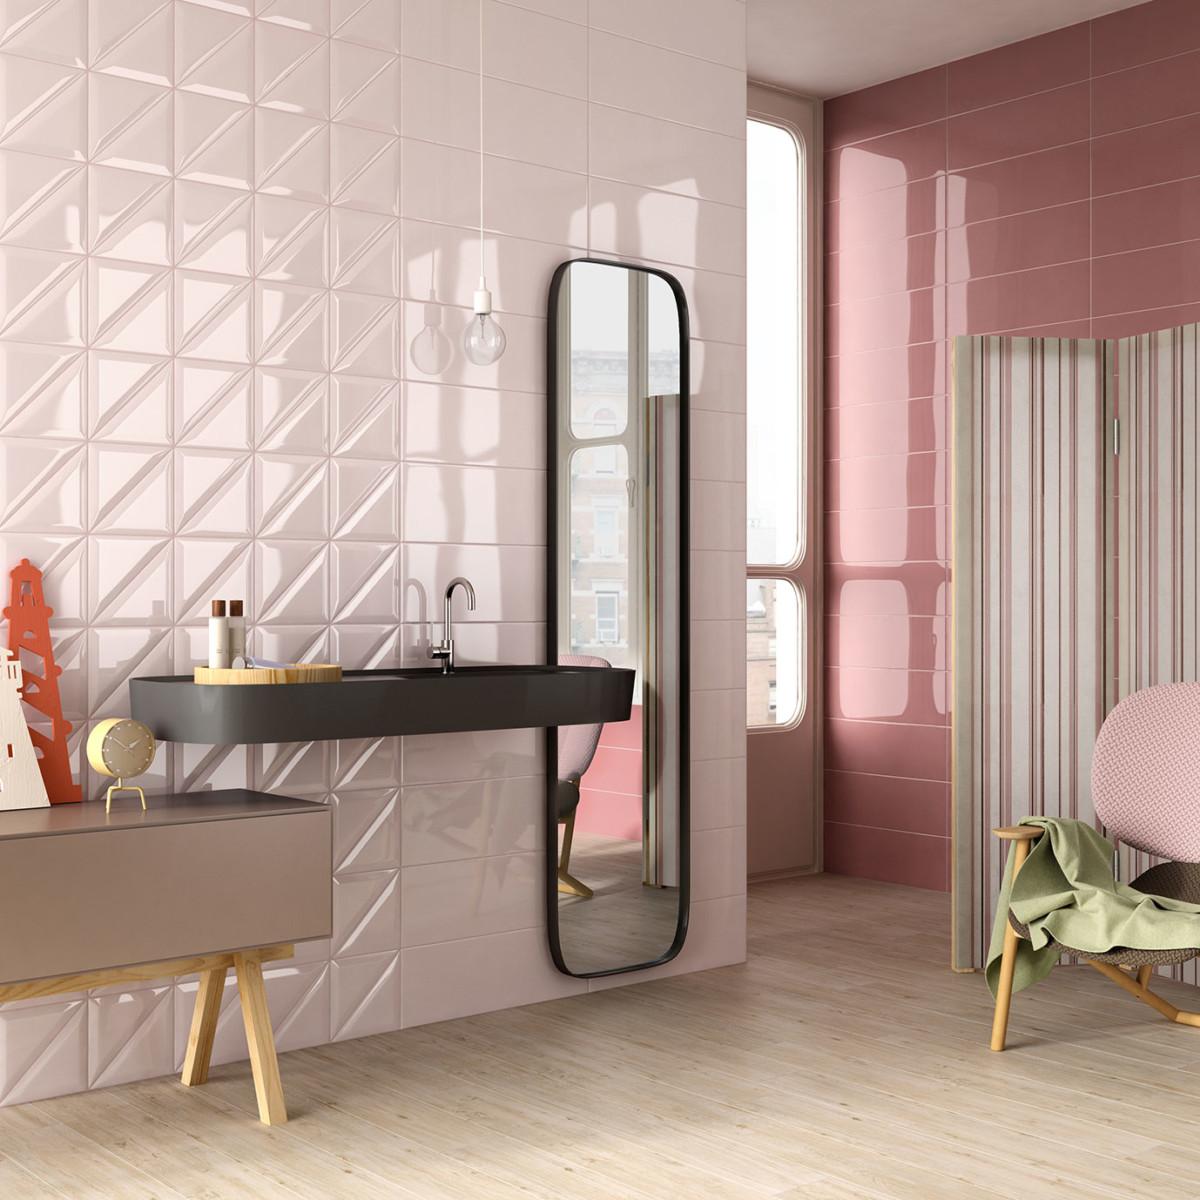 Azulejos de colores para renovar la decoraci n de los for Decoracion de banos con azulejos